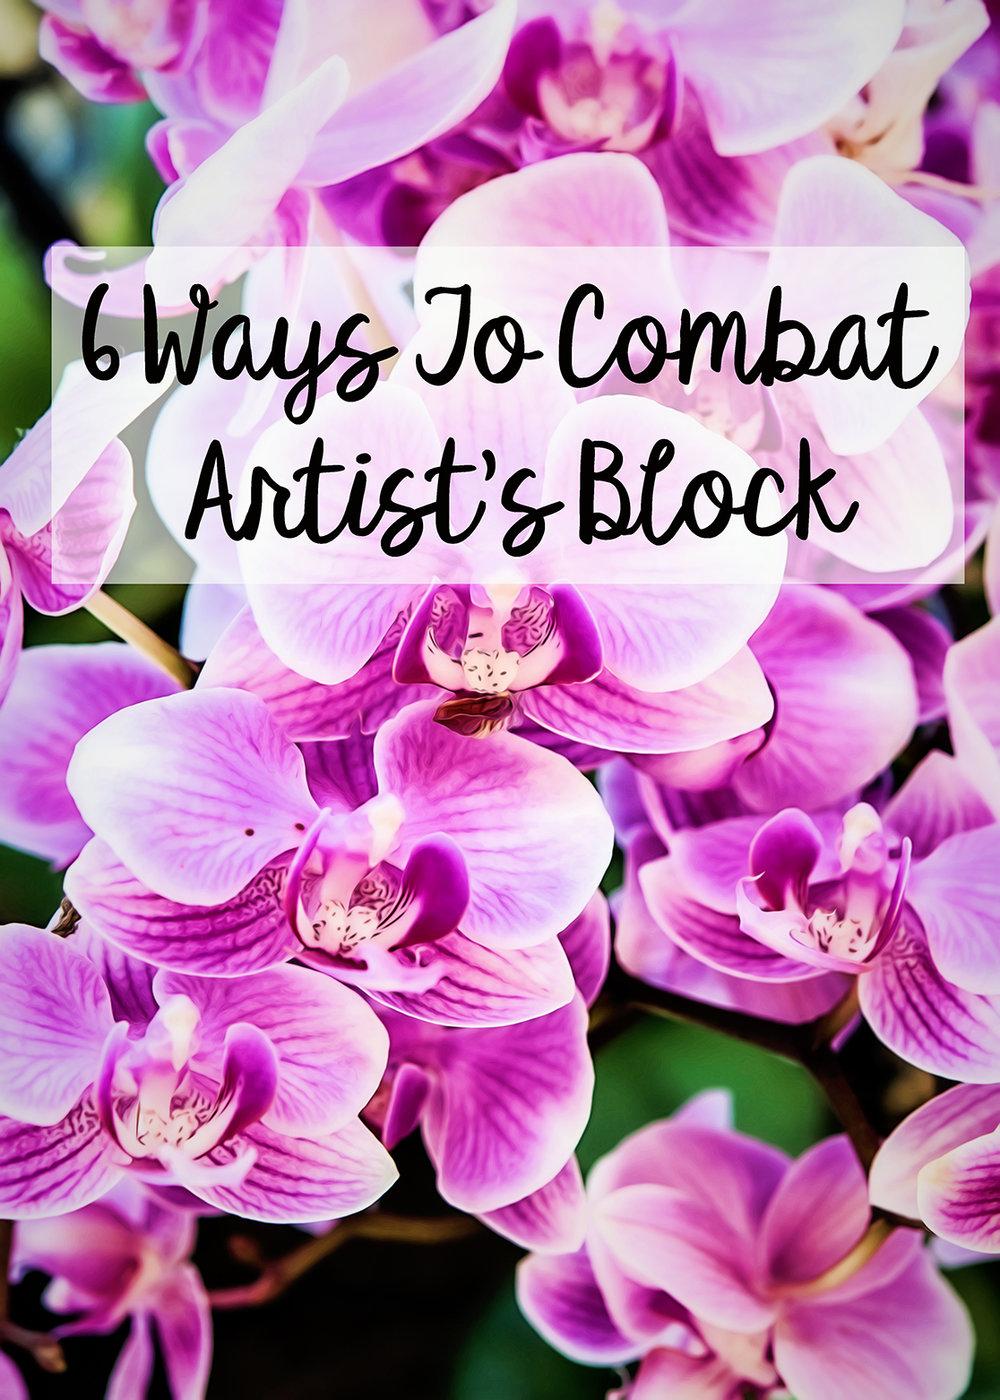 6 ways to combat artist's block.jpg